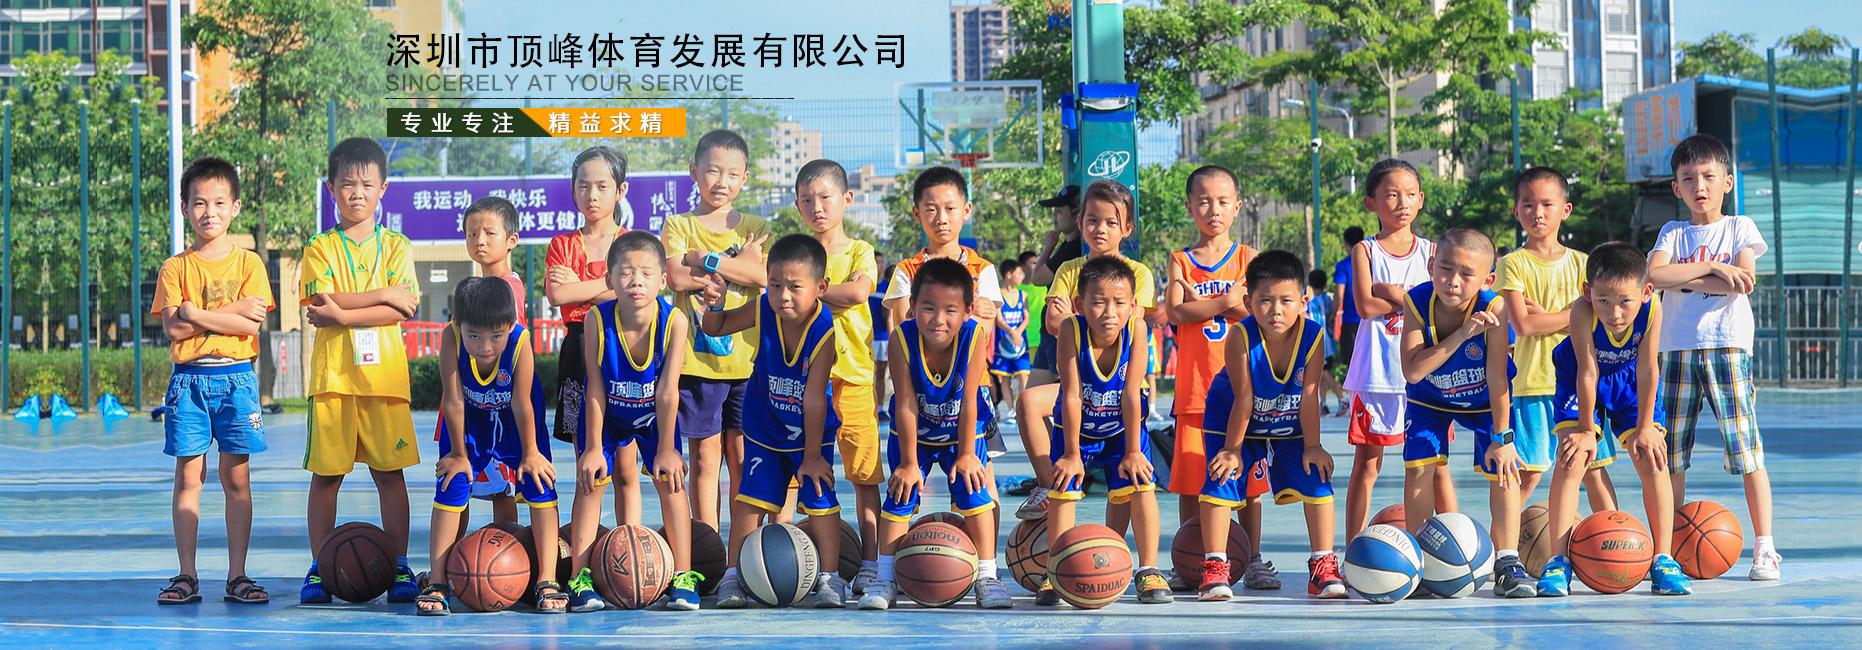 深圳市AG平台体育发展有限公司